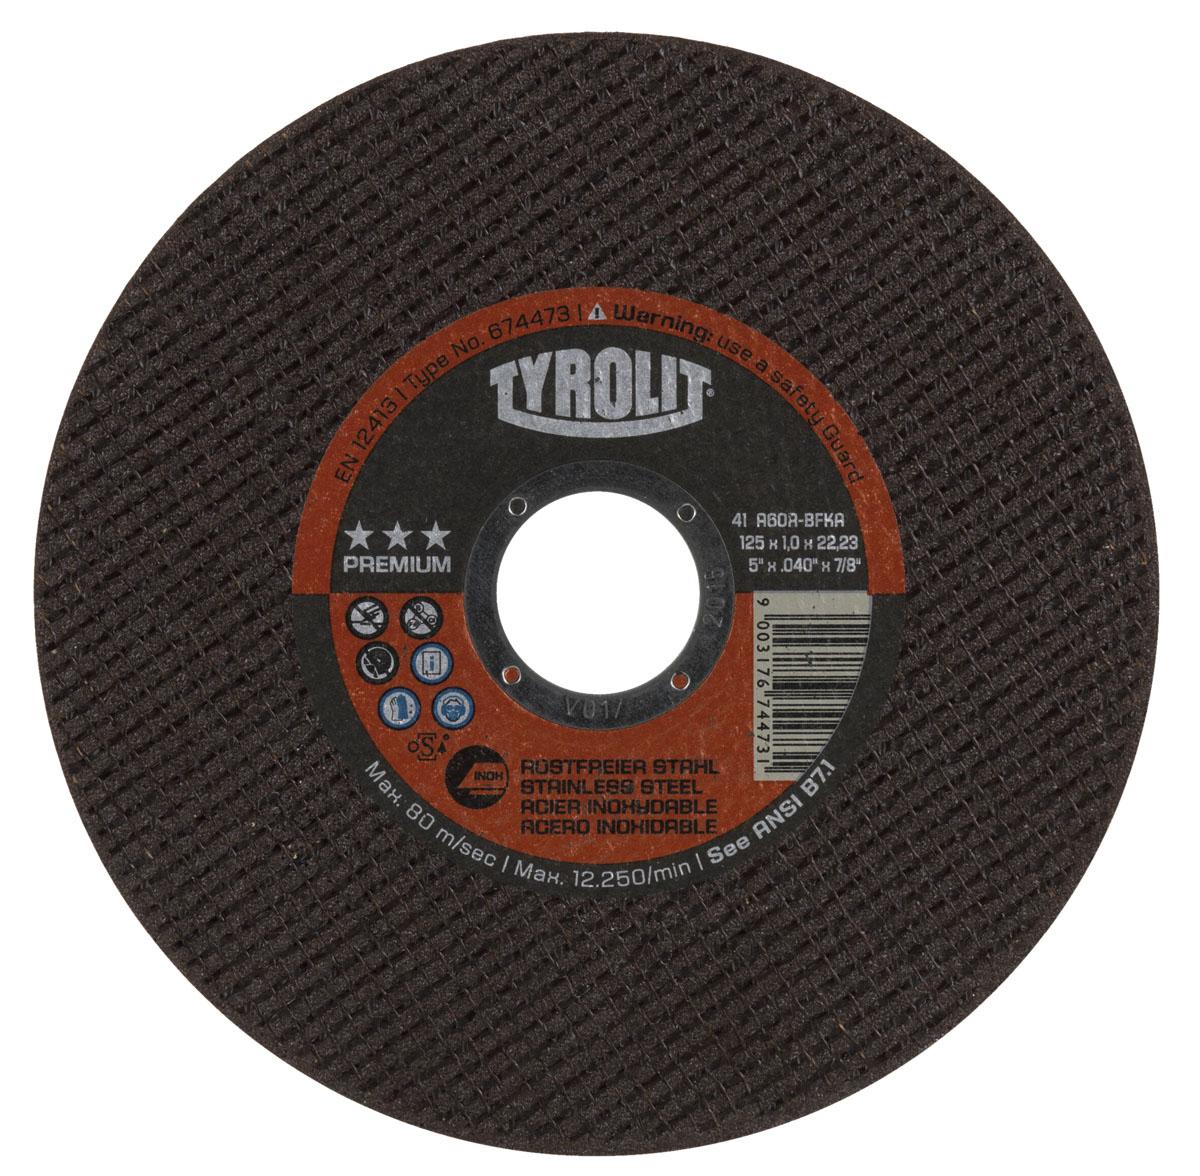 Диск абразивный Tyrolit Premium, 125 мм х 1 мм х 22,23 мм. 41 A60R-BFKA674473Диск абразивный Tyrolit Premium предназначен для резки тонкостенного листового металла, профилей, труб и прутьев (малого поперечного сечения) из антикоррозионных и кислотостойких сталей. Особенности диска: Максимальная рабочая скорость: 80 м/с. Связка из синтетической смолы. Армирование волокнистыми материалами. Быстрое разрезание. Минимум отходов при резке. Чистые поверхности среза. Высокая безопасность продукта. Все спецификации INOX с ограничениями пригодны для ALU. Инновационные и экономические преимущества отрезных кругов Premium проявляются в первую очередь при резке тонкого листового металла и тонкостенных профилей. Преимущества: высочайшая производительность, продолжительный срок службы, чистые поверхности среза, незначительное количество заусенцев и низкая термическая нагрузка на заготовку. Благодаря универсальной системе цветового кодирования, вы всегда сможете найти нужный продукт для...